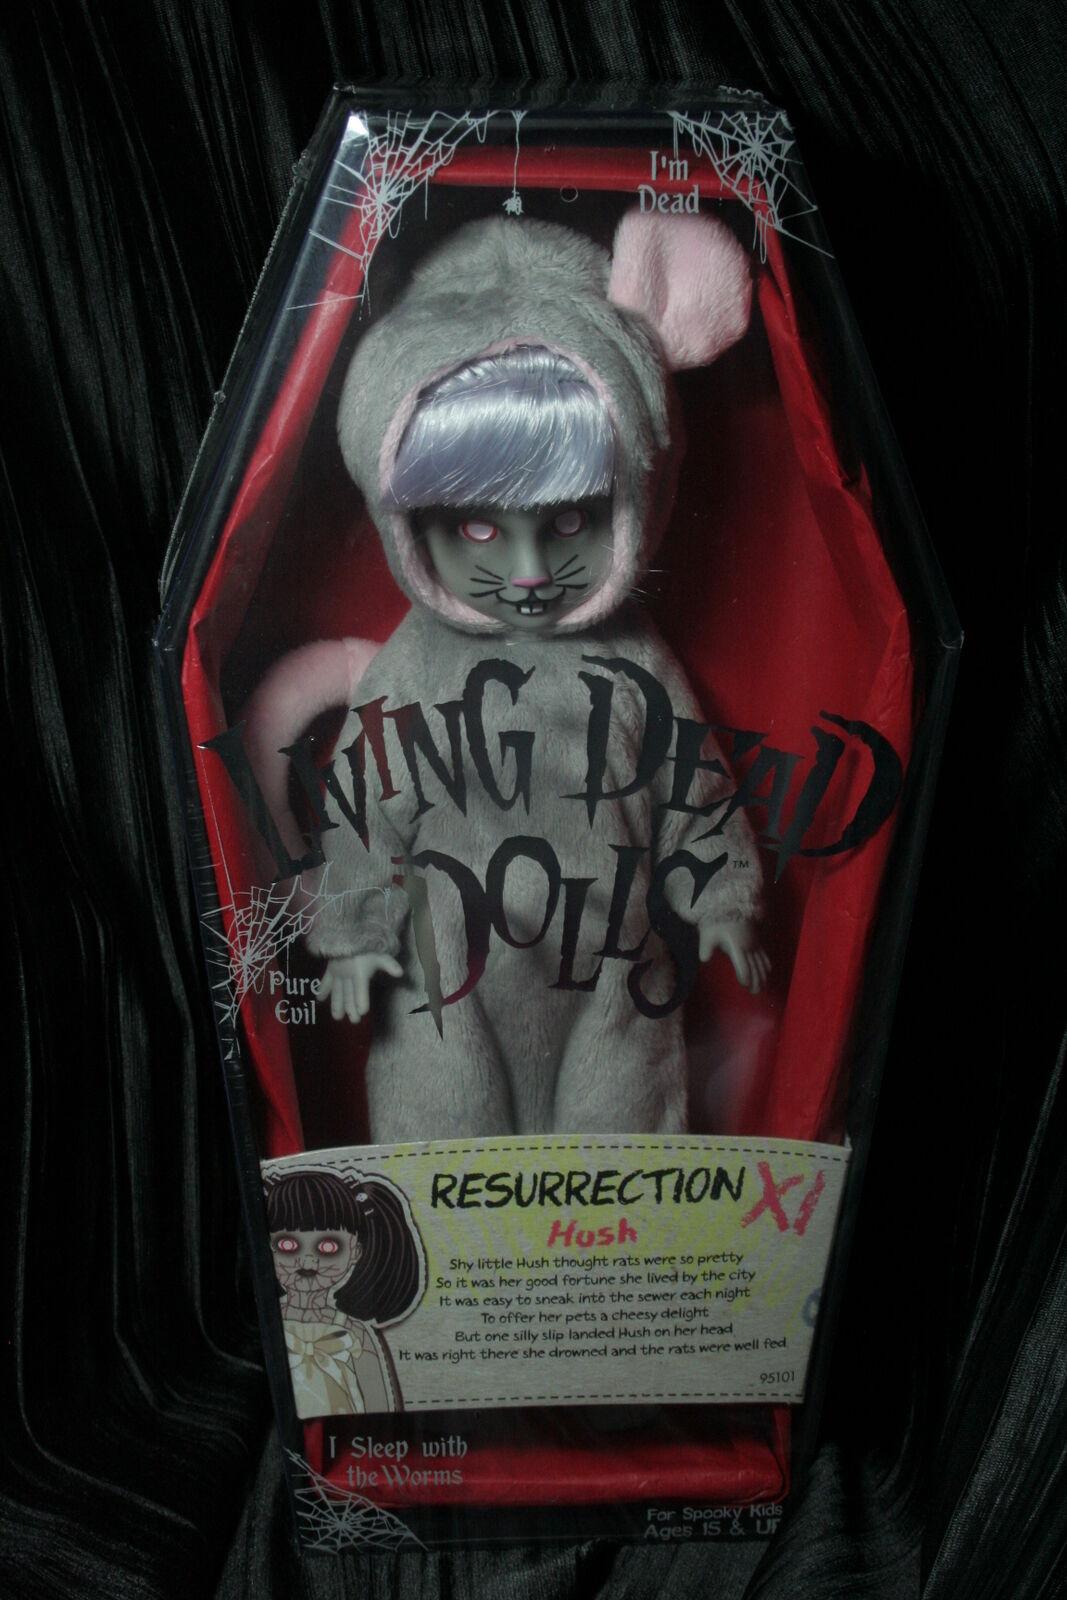 Living Dead Dolls resurrección Hush variante res serie 11 Rata Nuevo Ldd sullentoys